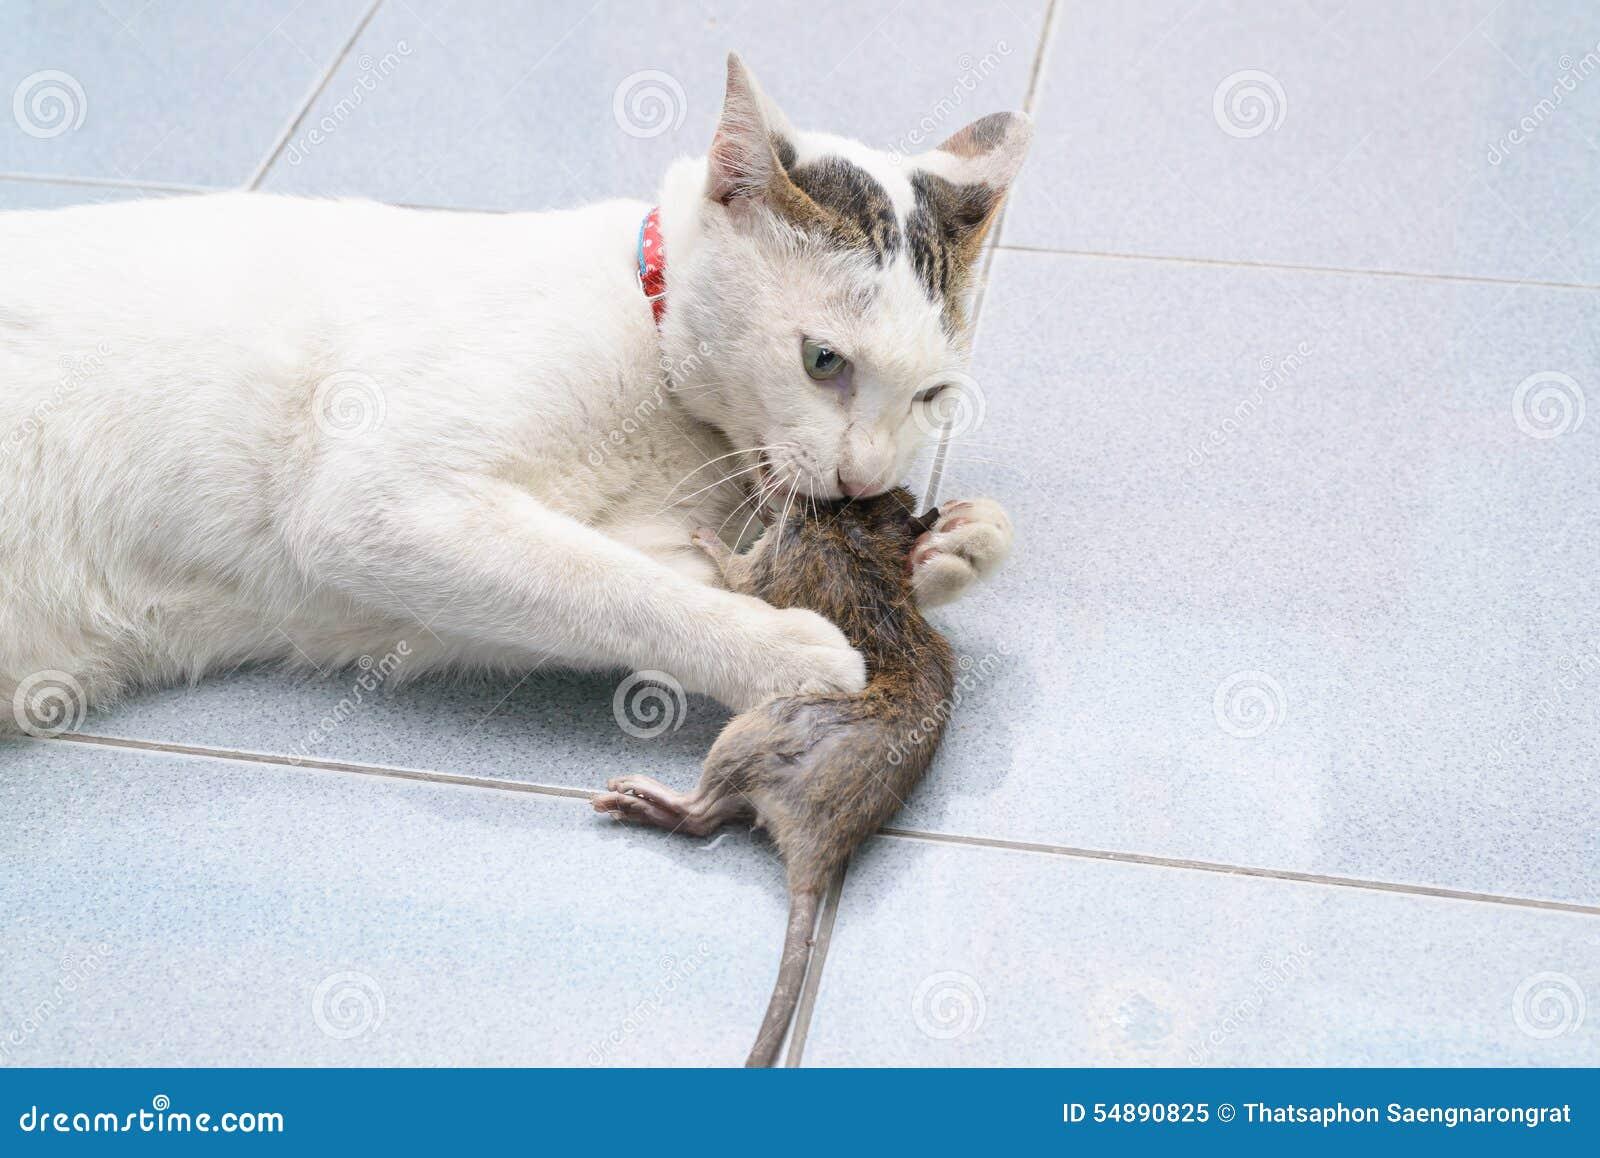 crochet de chat et souris de morsure rat photo stock image 54890825. Black Bedroom Furniture Sets. Home Design Ideas